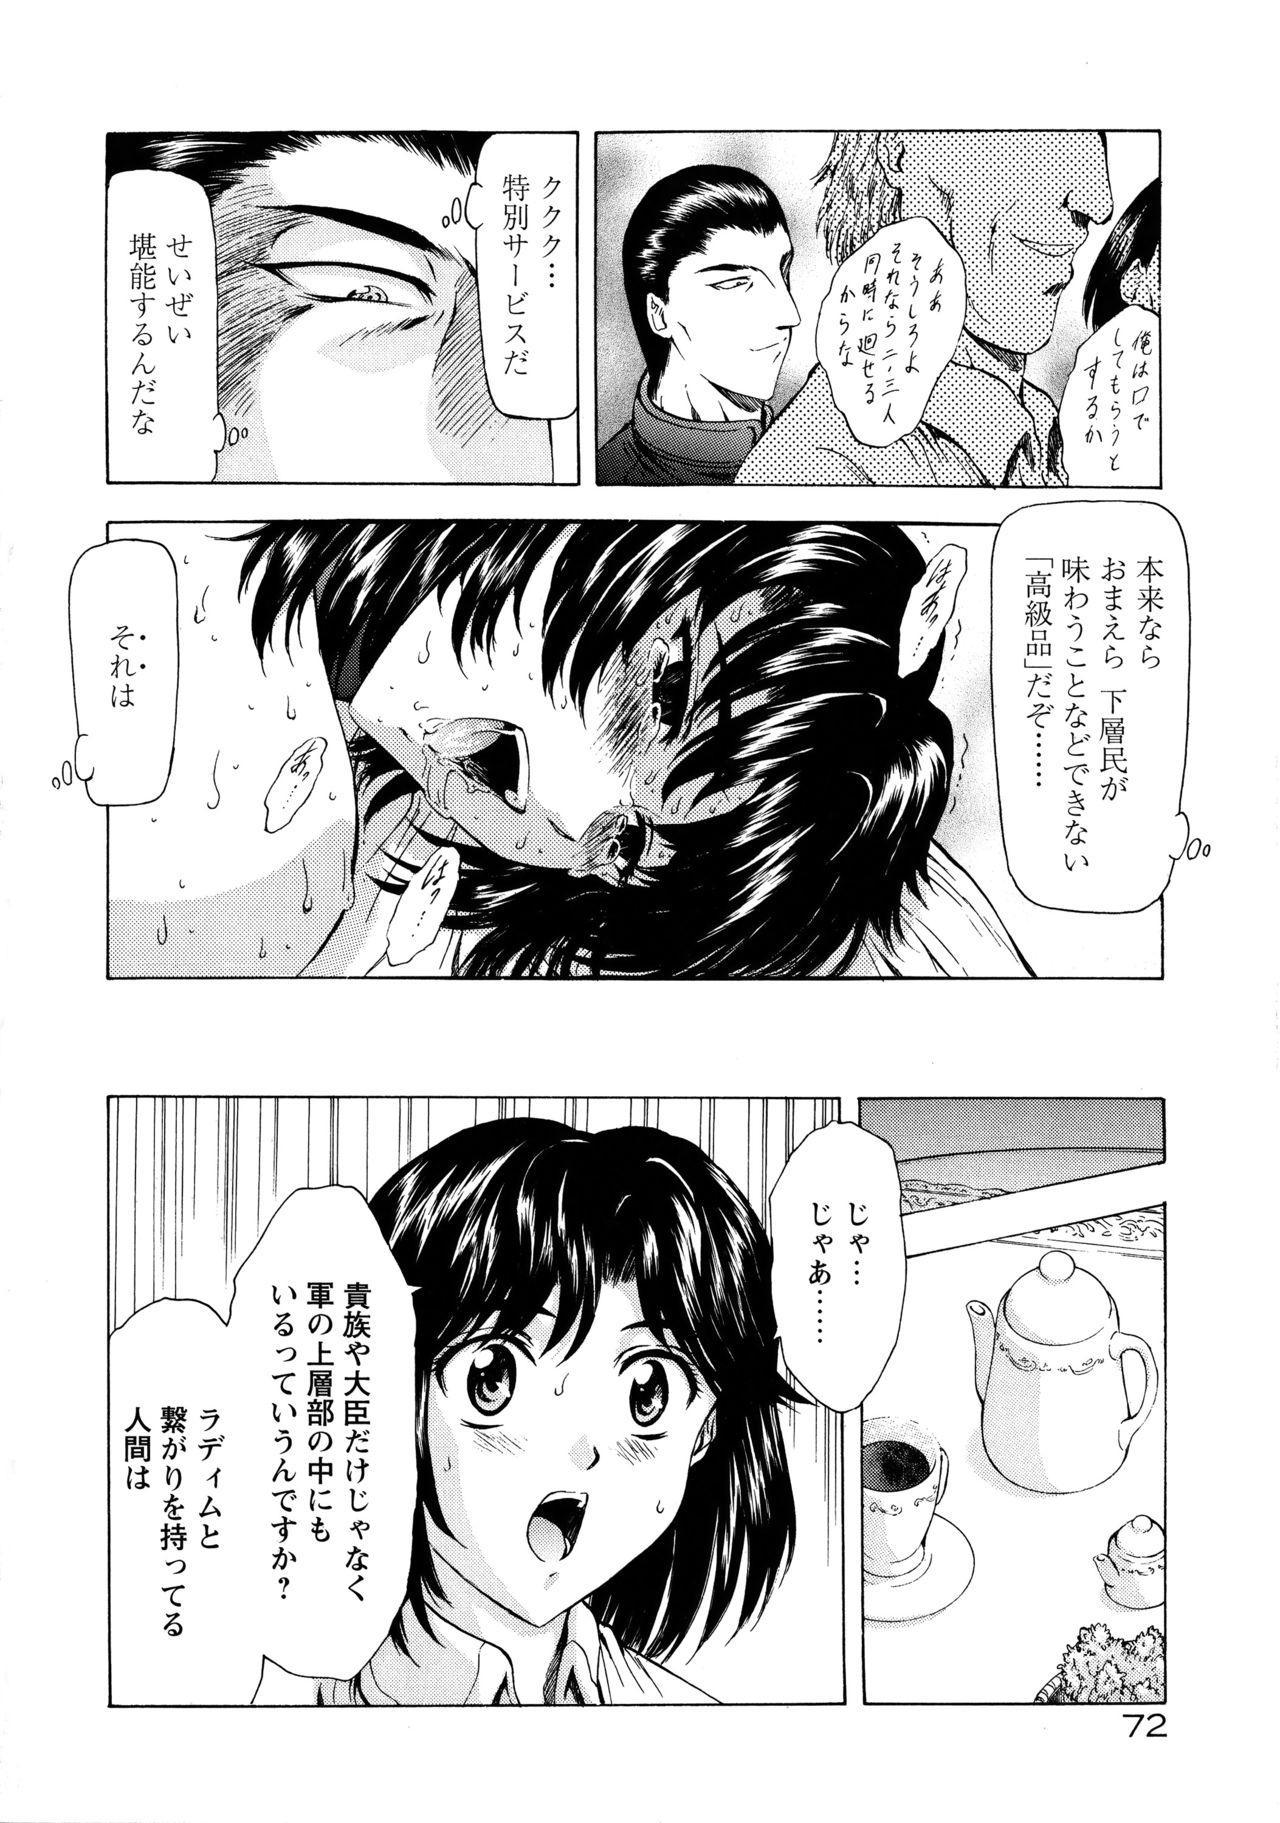 Ginryuu no Reimei Vol. 1 79